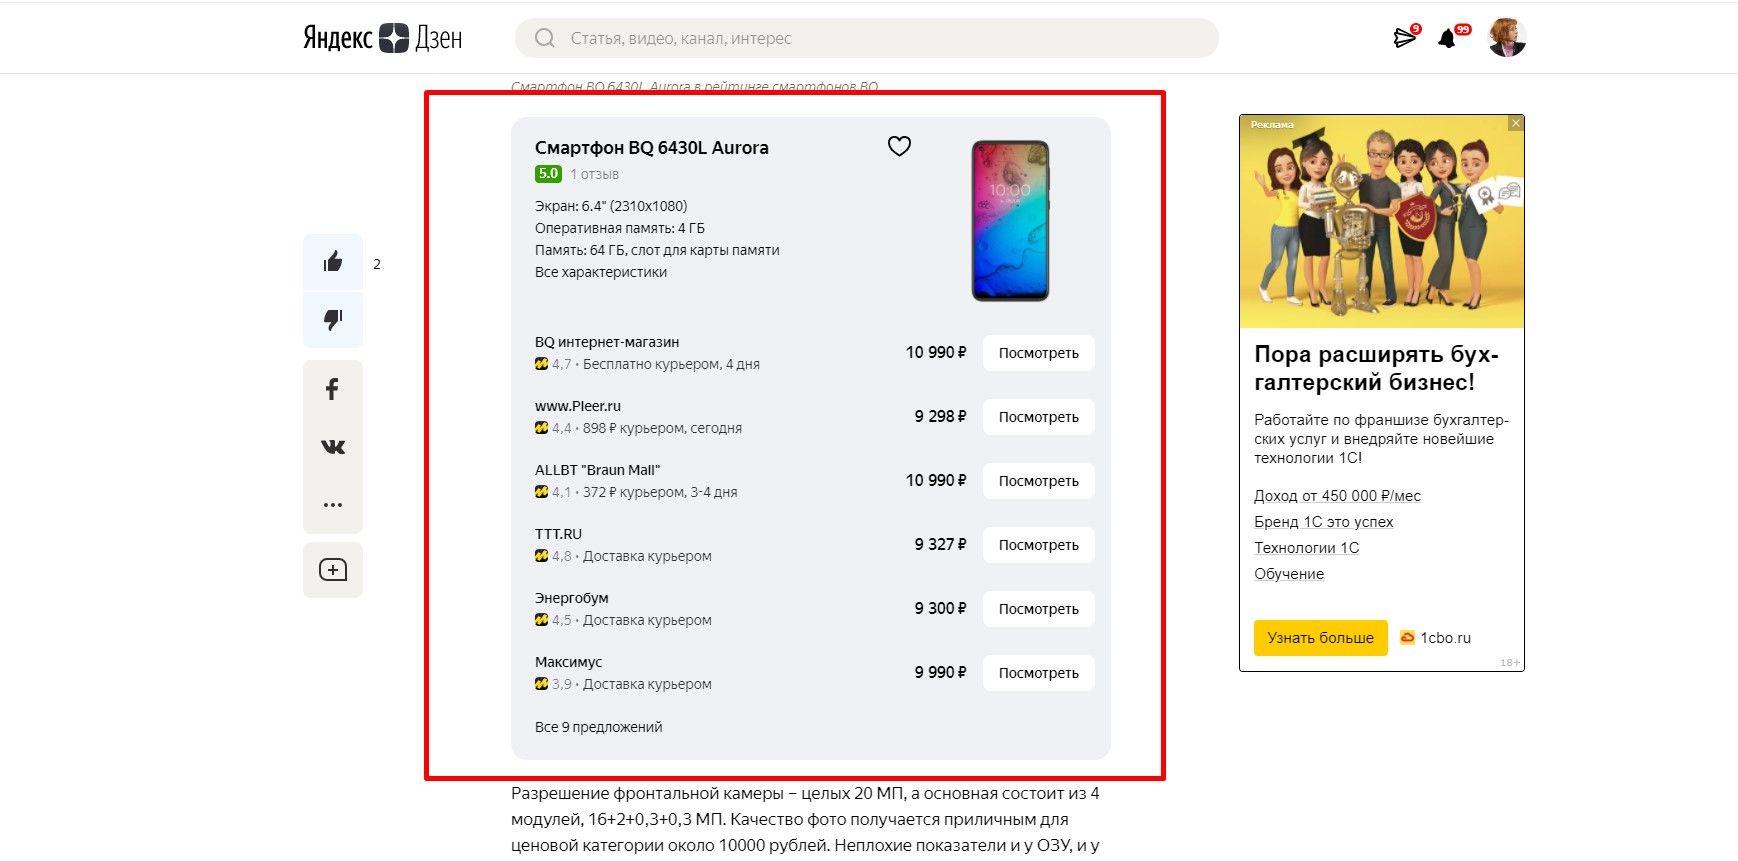 Так выглядит товарный виджет в блогах Яндекс.Дзена